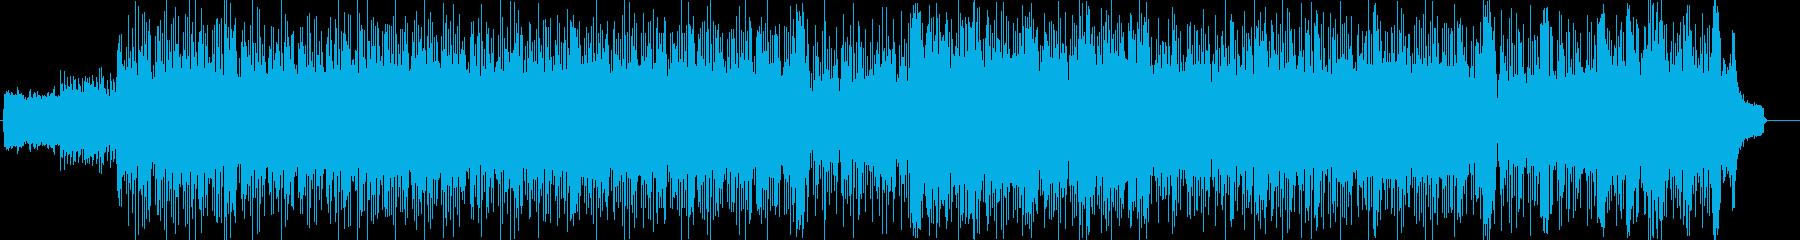 小粋でダンサンブルなテクノ・ハウス風の再生済みの波形